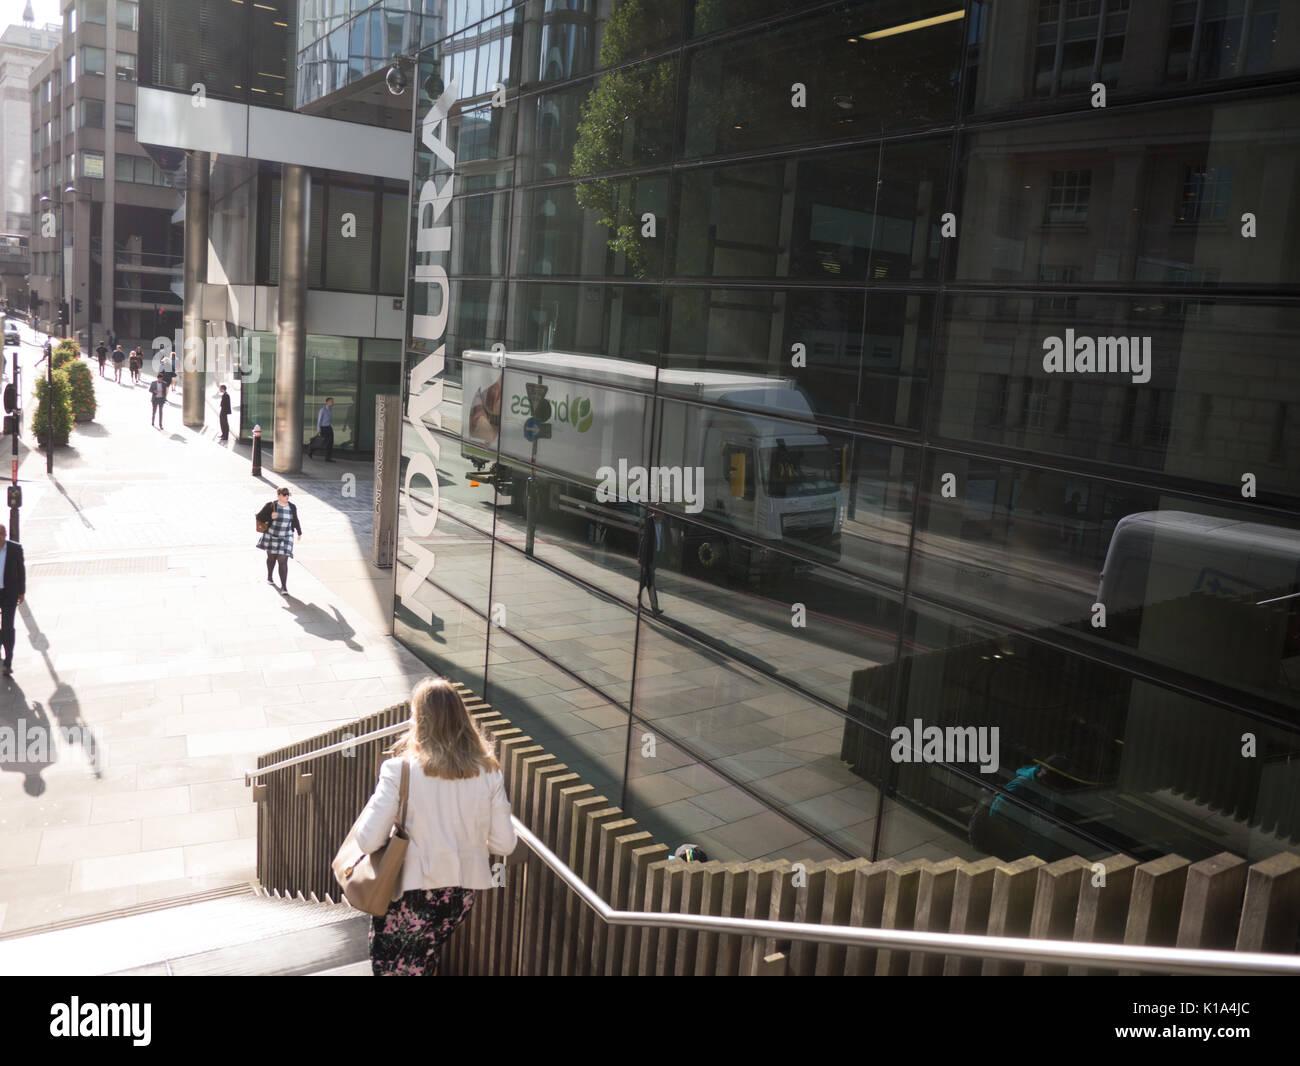 Nomura Büros London japanischen Finanzholding. Stockbild